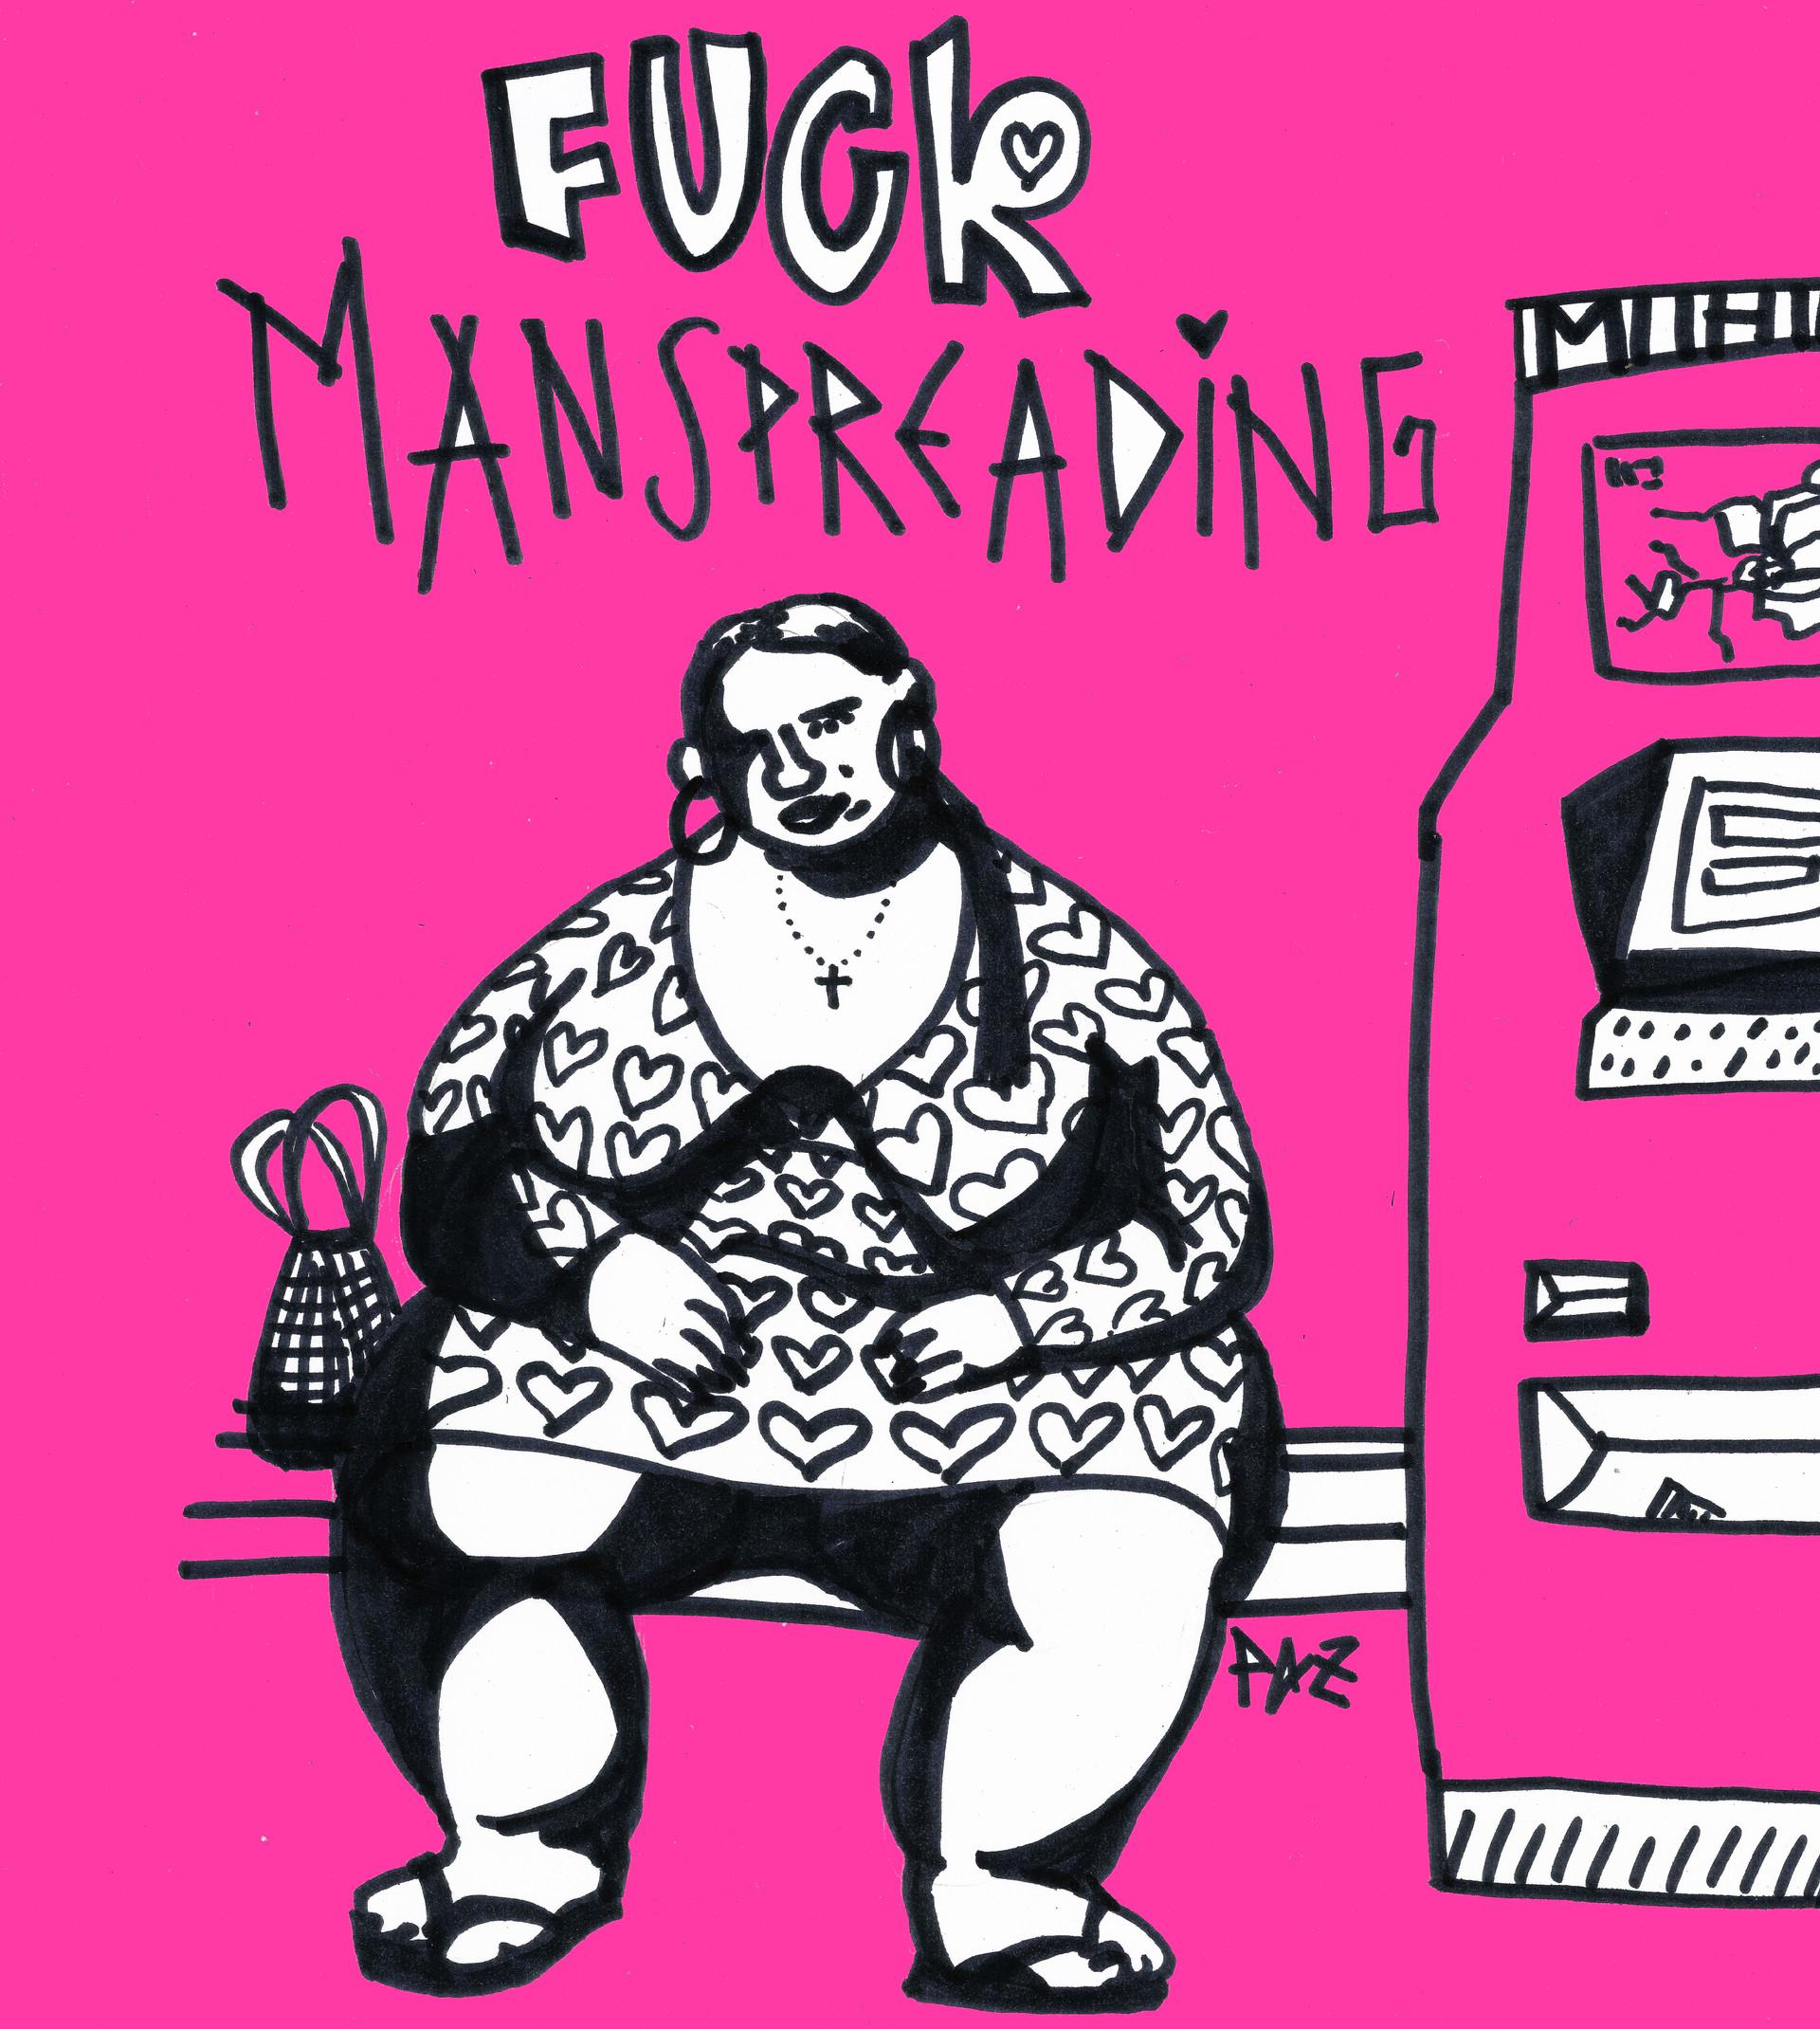 Fuck manspreading